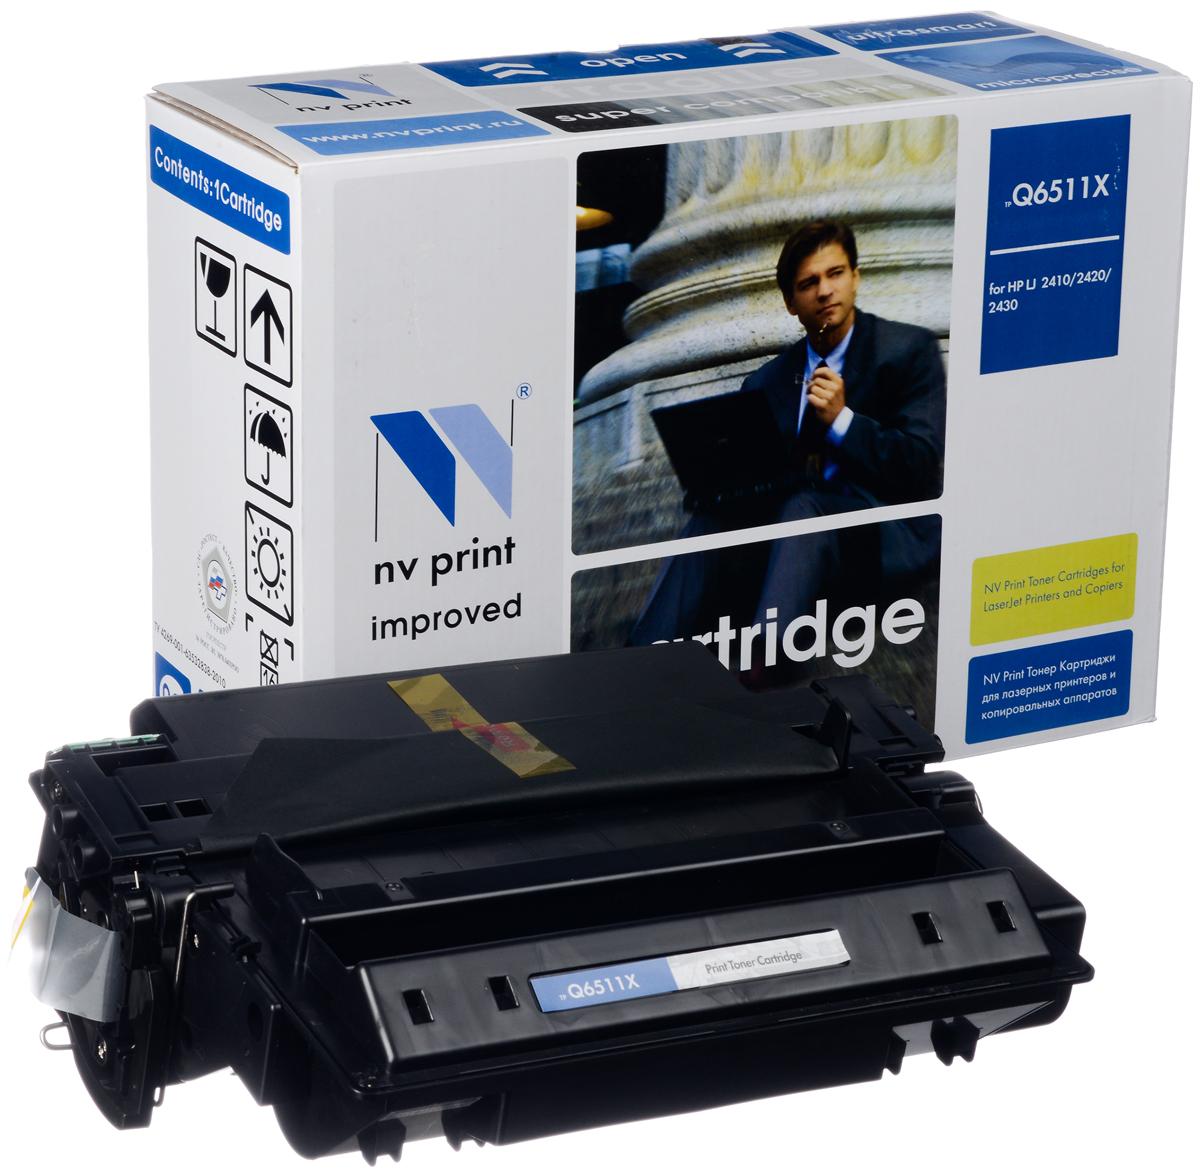 NV Print Q6511X, Black тонер-картридж для HP LaserJet 2410/2420/2430NV-Q6511XСовместимый лазерный картридж NV Print Q6511X для печатающих устройств HP - это альтернатива приобретению оригинальных расходных материалов. При этом качество печати остается высоким. Картридж обеспечивает повышенную чёткость чёрного текста и плавность переходов оттенков серого цвета и полутонов, позволяет отображать мельчайшие детали изображения. Лазерные принтеры, копировальные аппараты и МФУ являются более выгодными в печати, чем струйные устройства, так как лазерных картриджей хватает на значительно большее количество отпечатков, чем обычных. Для печати в данном случае используются не чернила, а тонер.